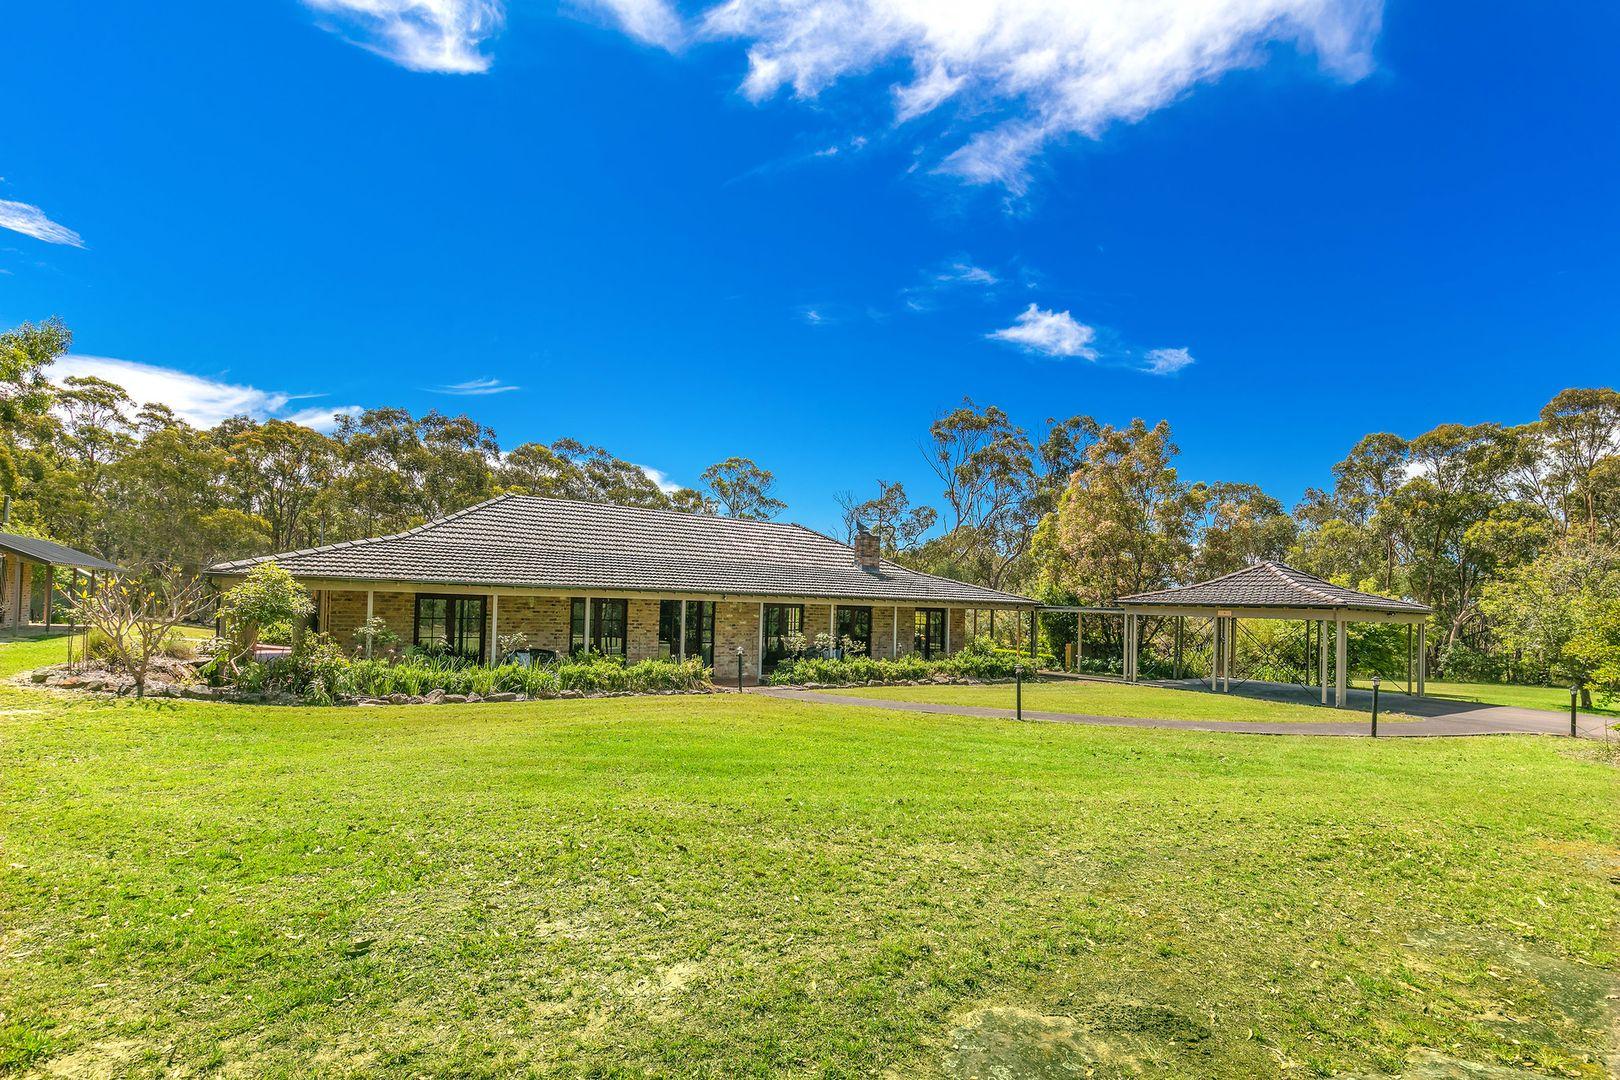 5 Ben Bullen Road, Glenorie NSW 2157, Image 0